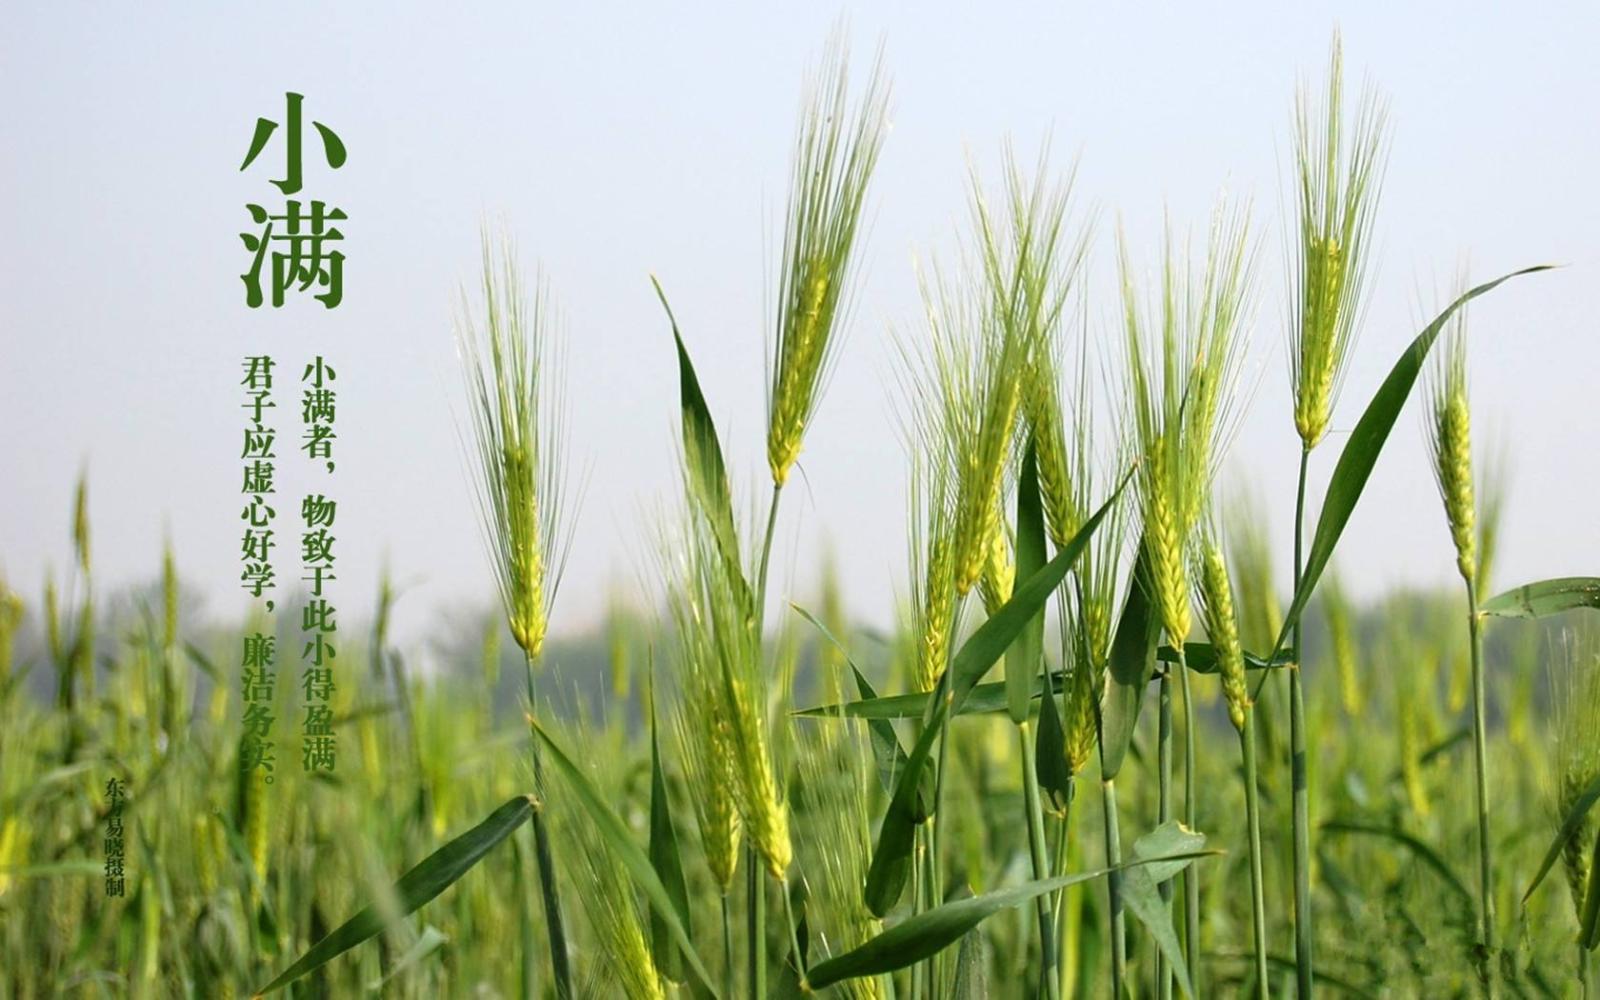 壁纸 草 成片种植 风景 绿色 植物 种植基地 桌面 1600_1000